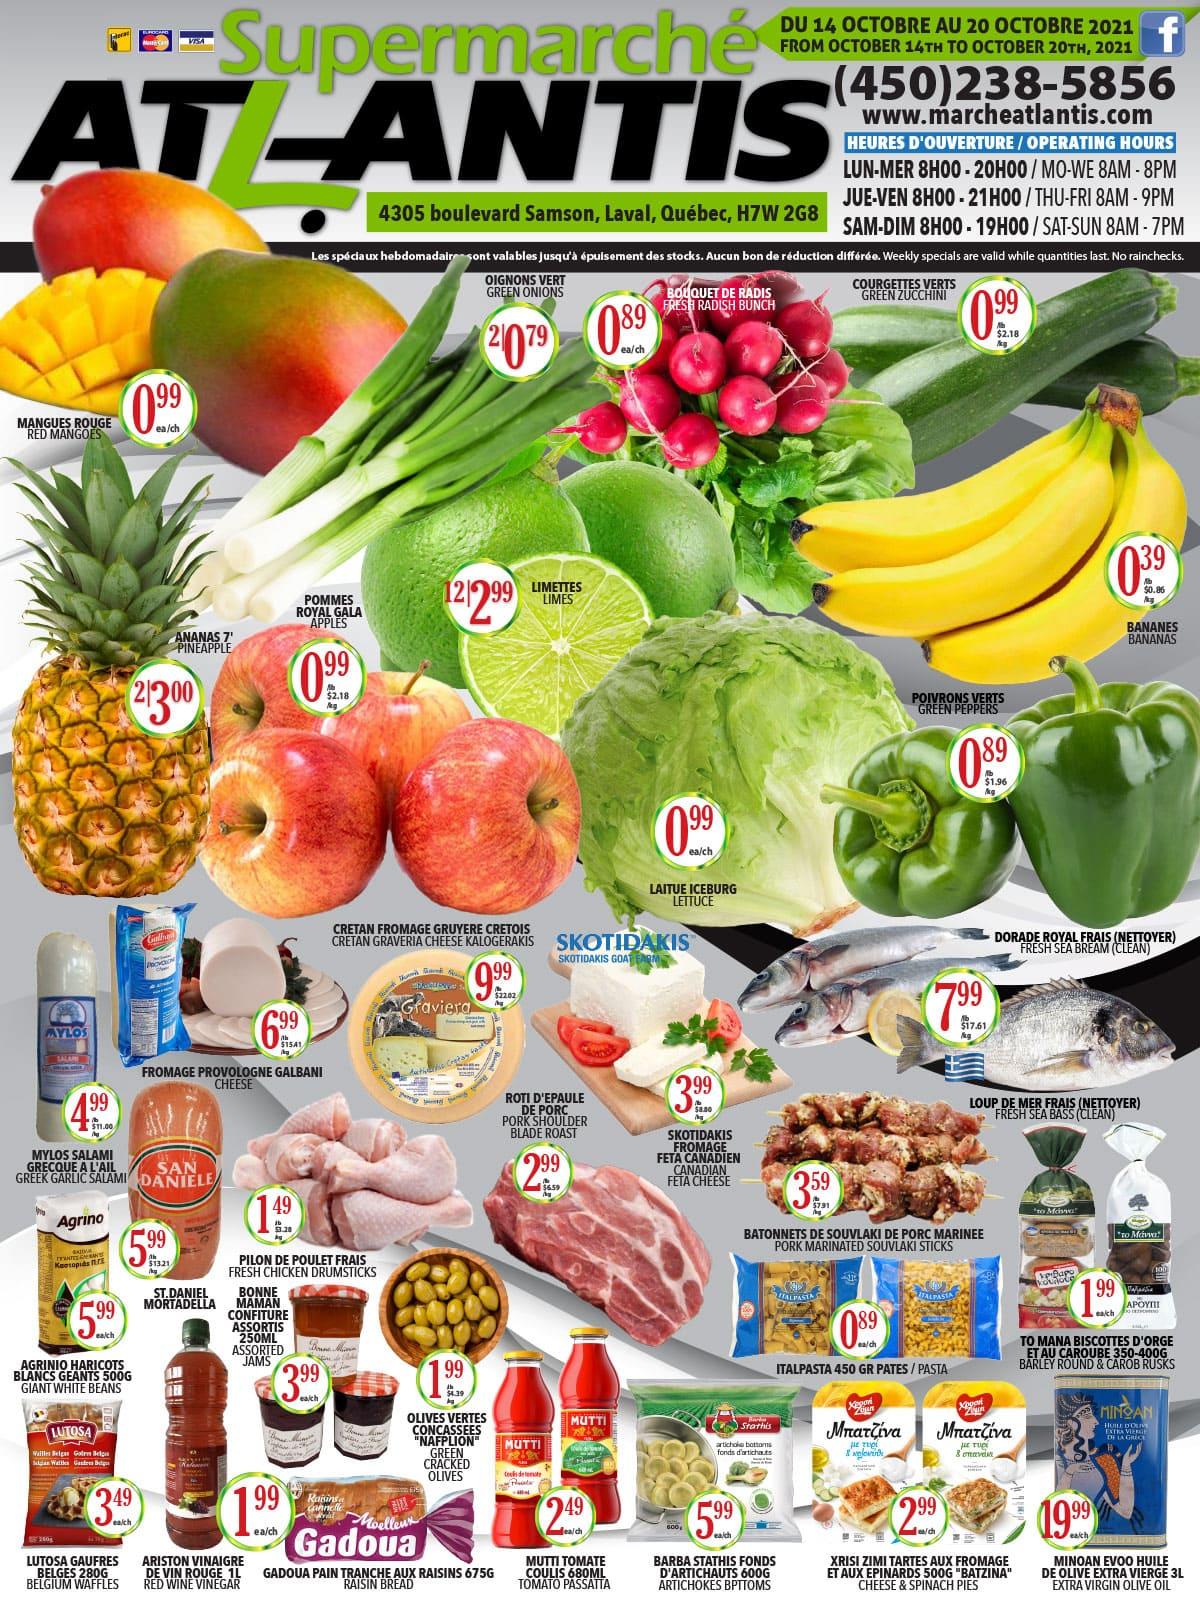 Circulaire Supermarché Atlantis du 14 au 20 octobre 2021 - Page 1